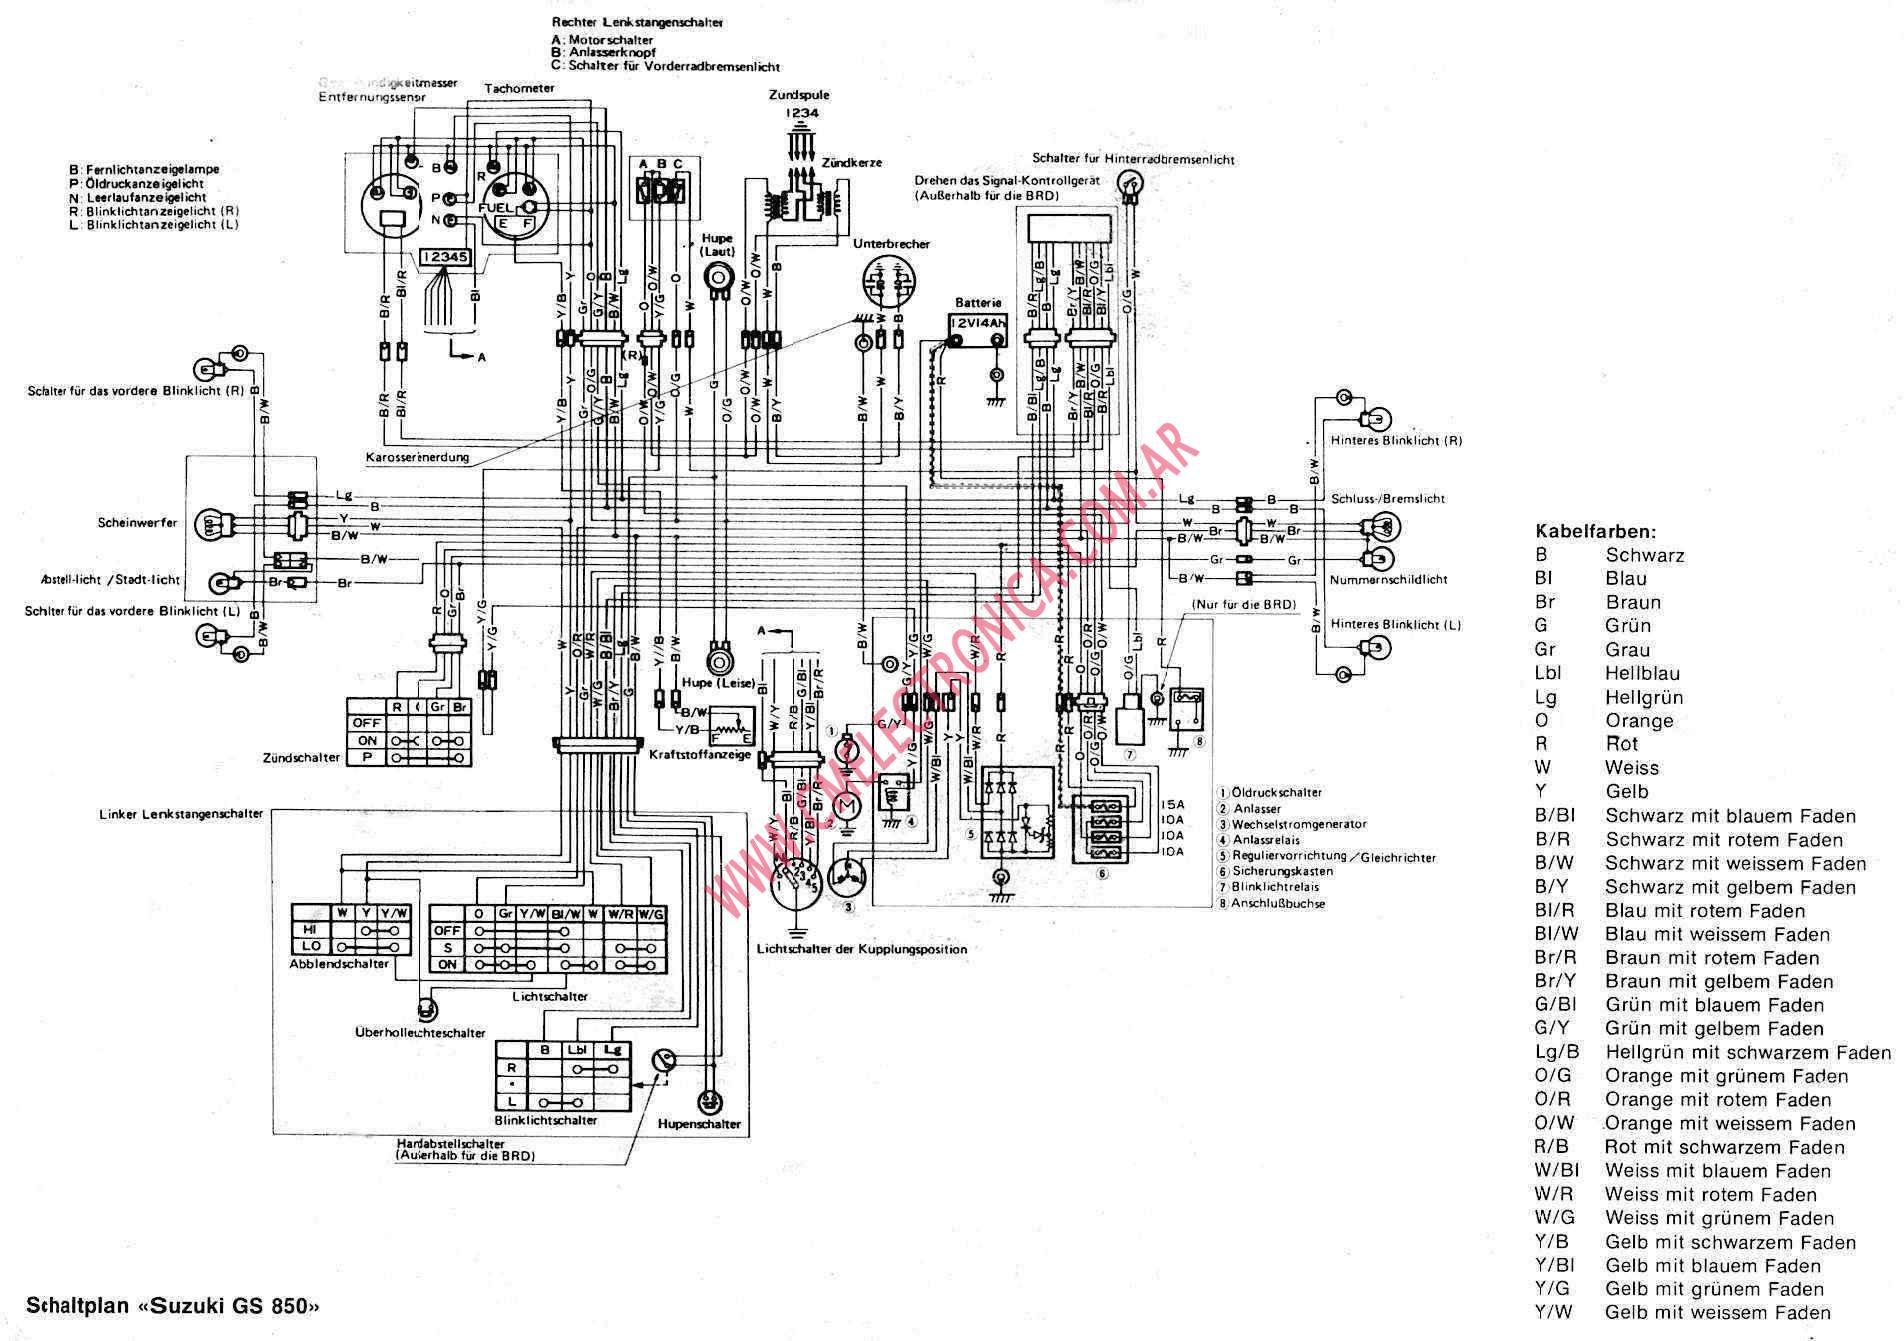 hight resolution of suzuki gs850 diagrama suzuki gs850 1981 suzuki gs850 wiring diagram at cita asia